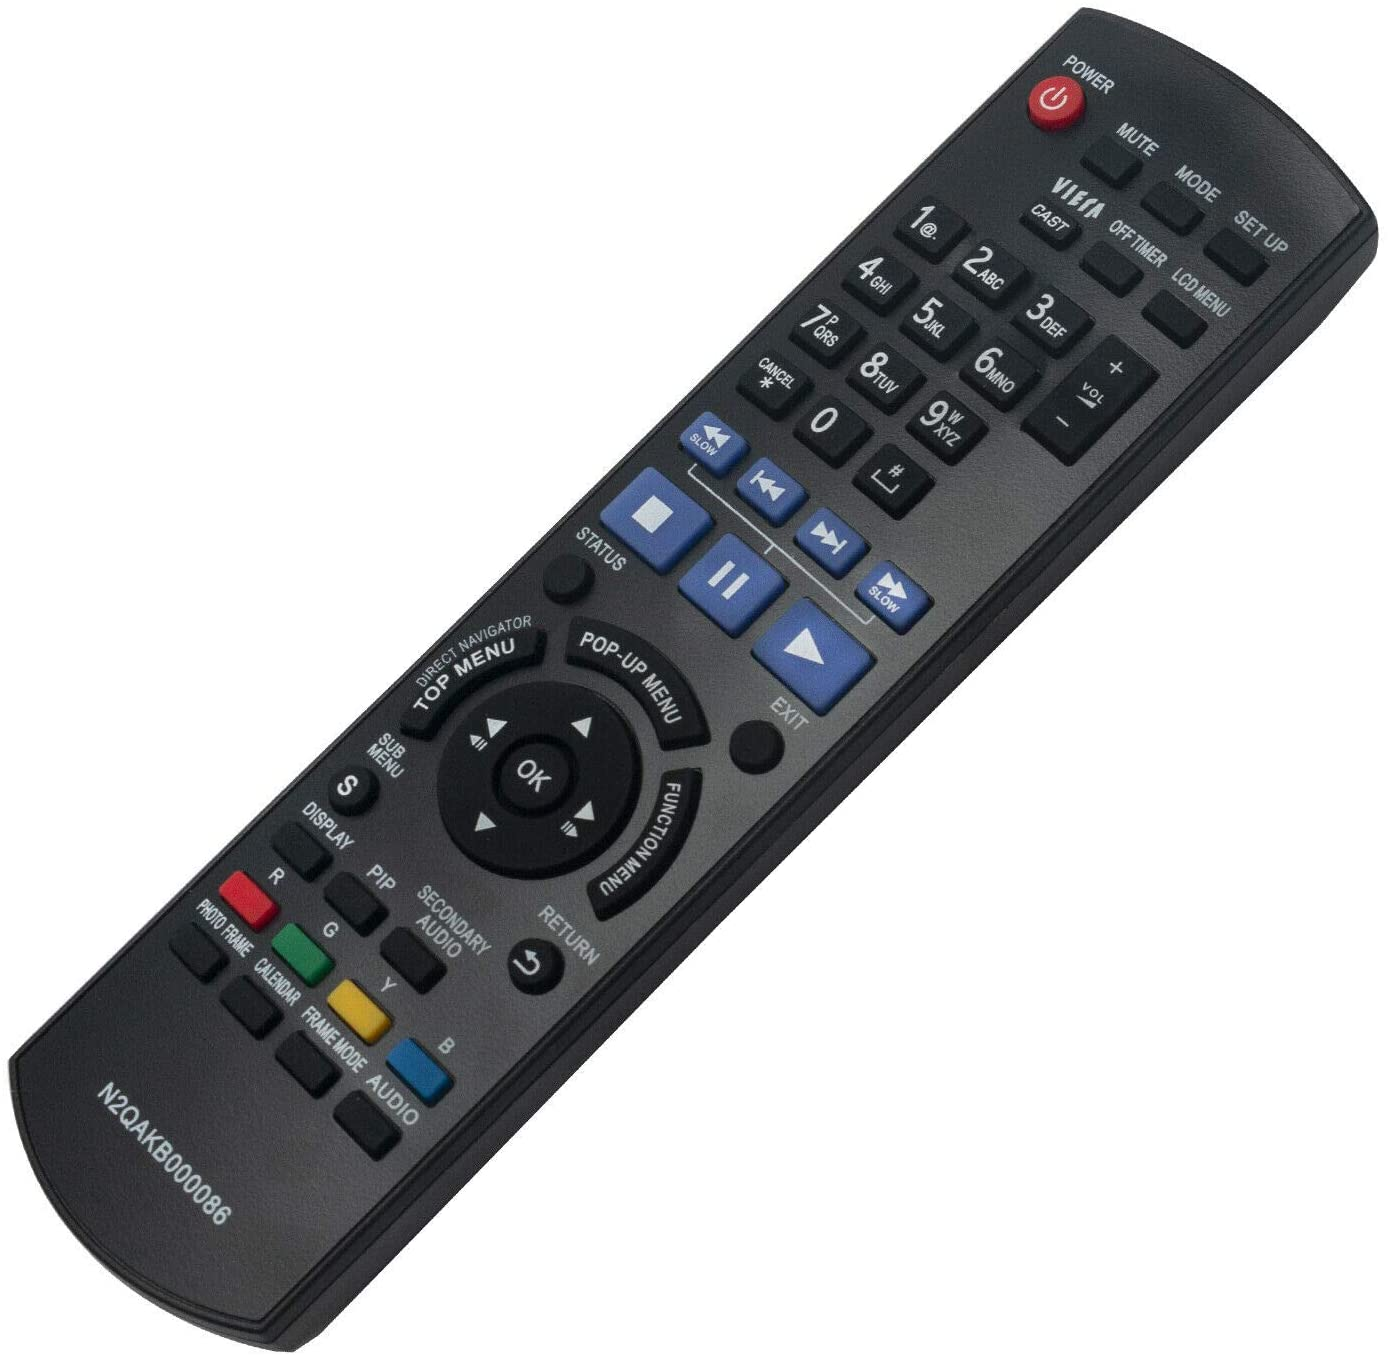 New - Remote Control N2QAKB000086 for Panasonic Blu-ray System DMP-B500 DMP-B500EB